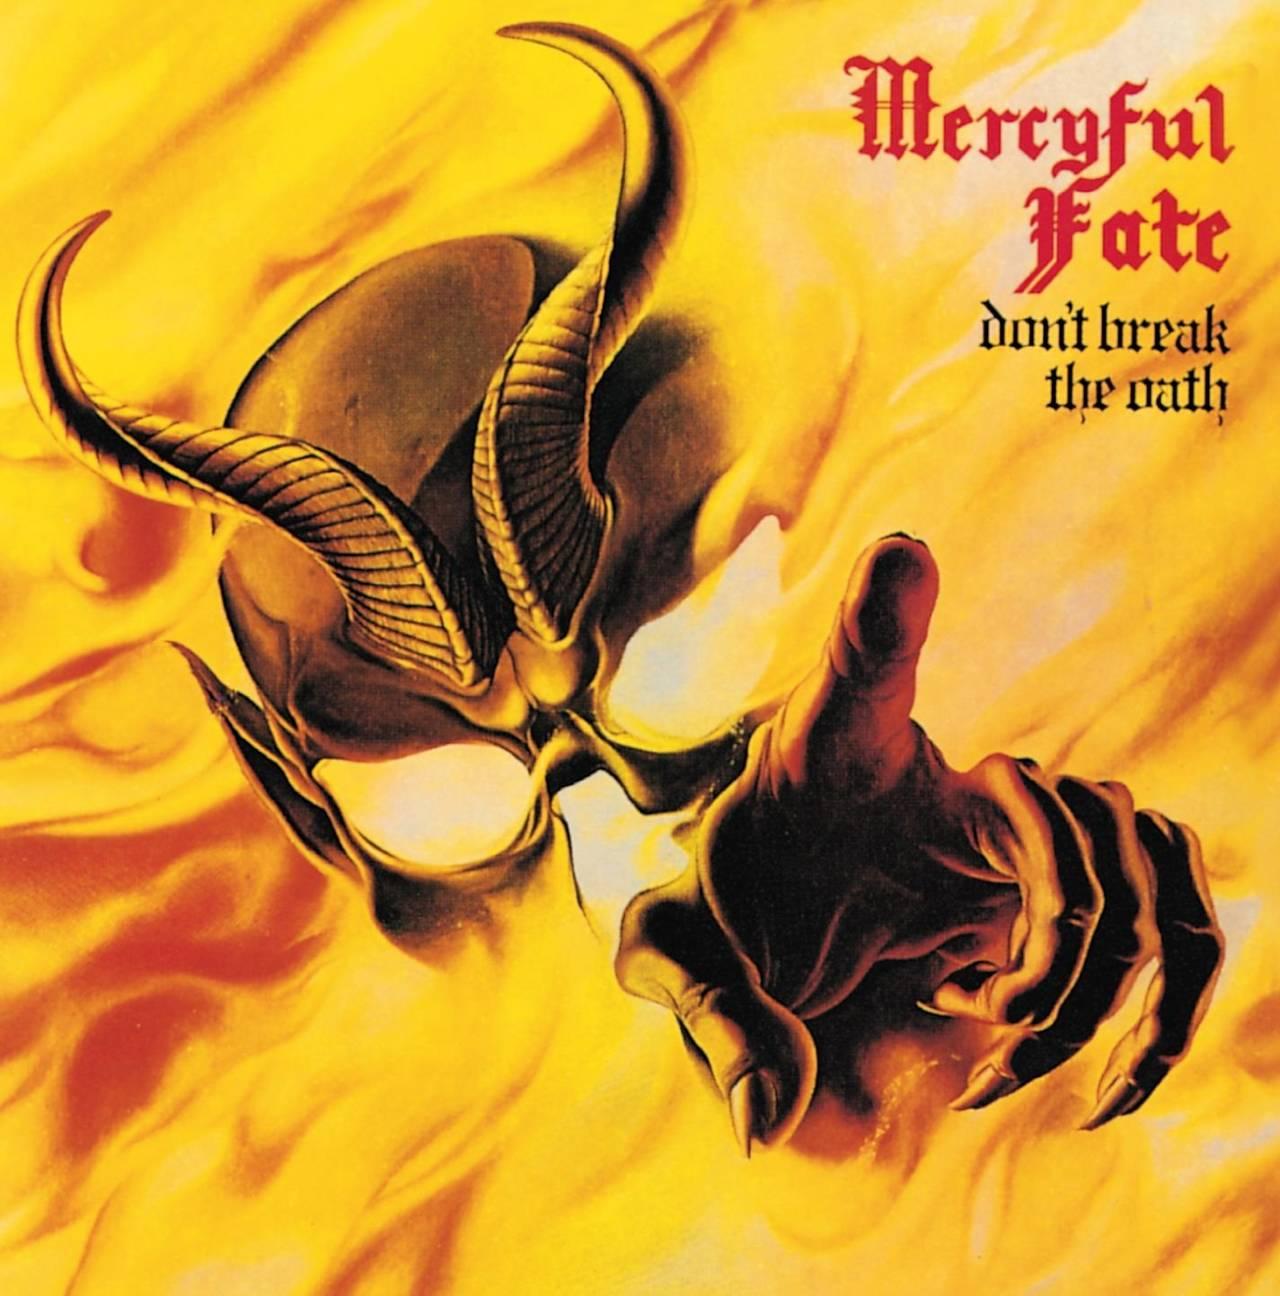 Coveret til albumet Don't Break the Oath av Mercyful Fate. Coveret viser et maleri av en hodeskalle med horn i et hav av flammer og en hånd som peker mot kameraet.